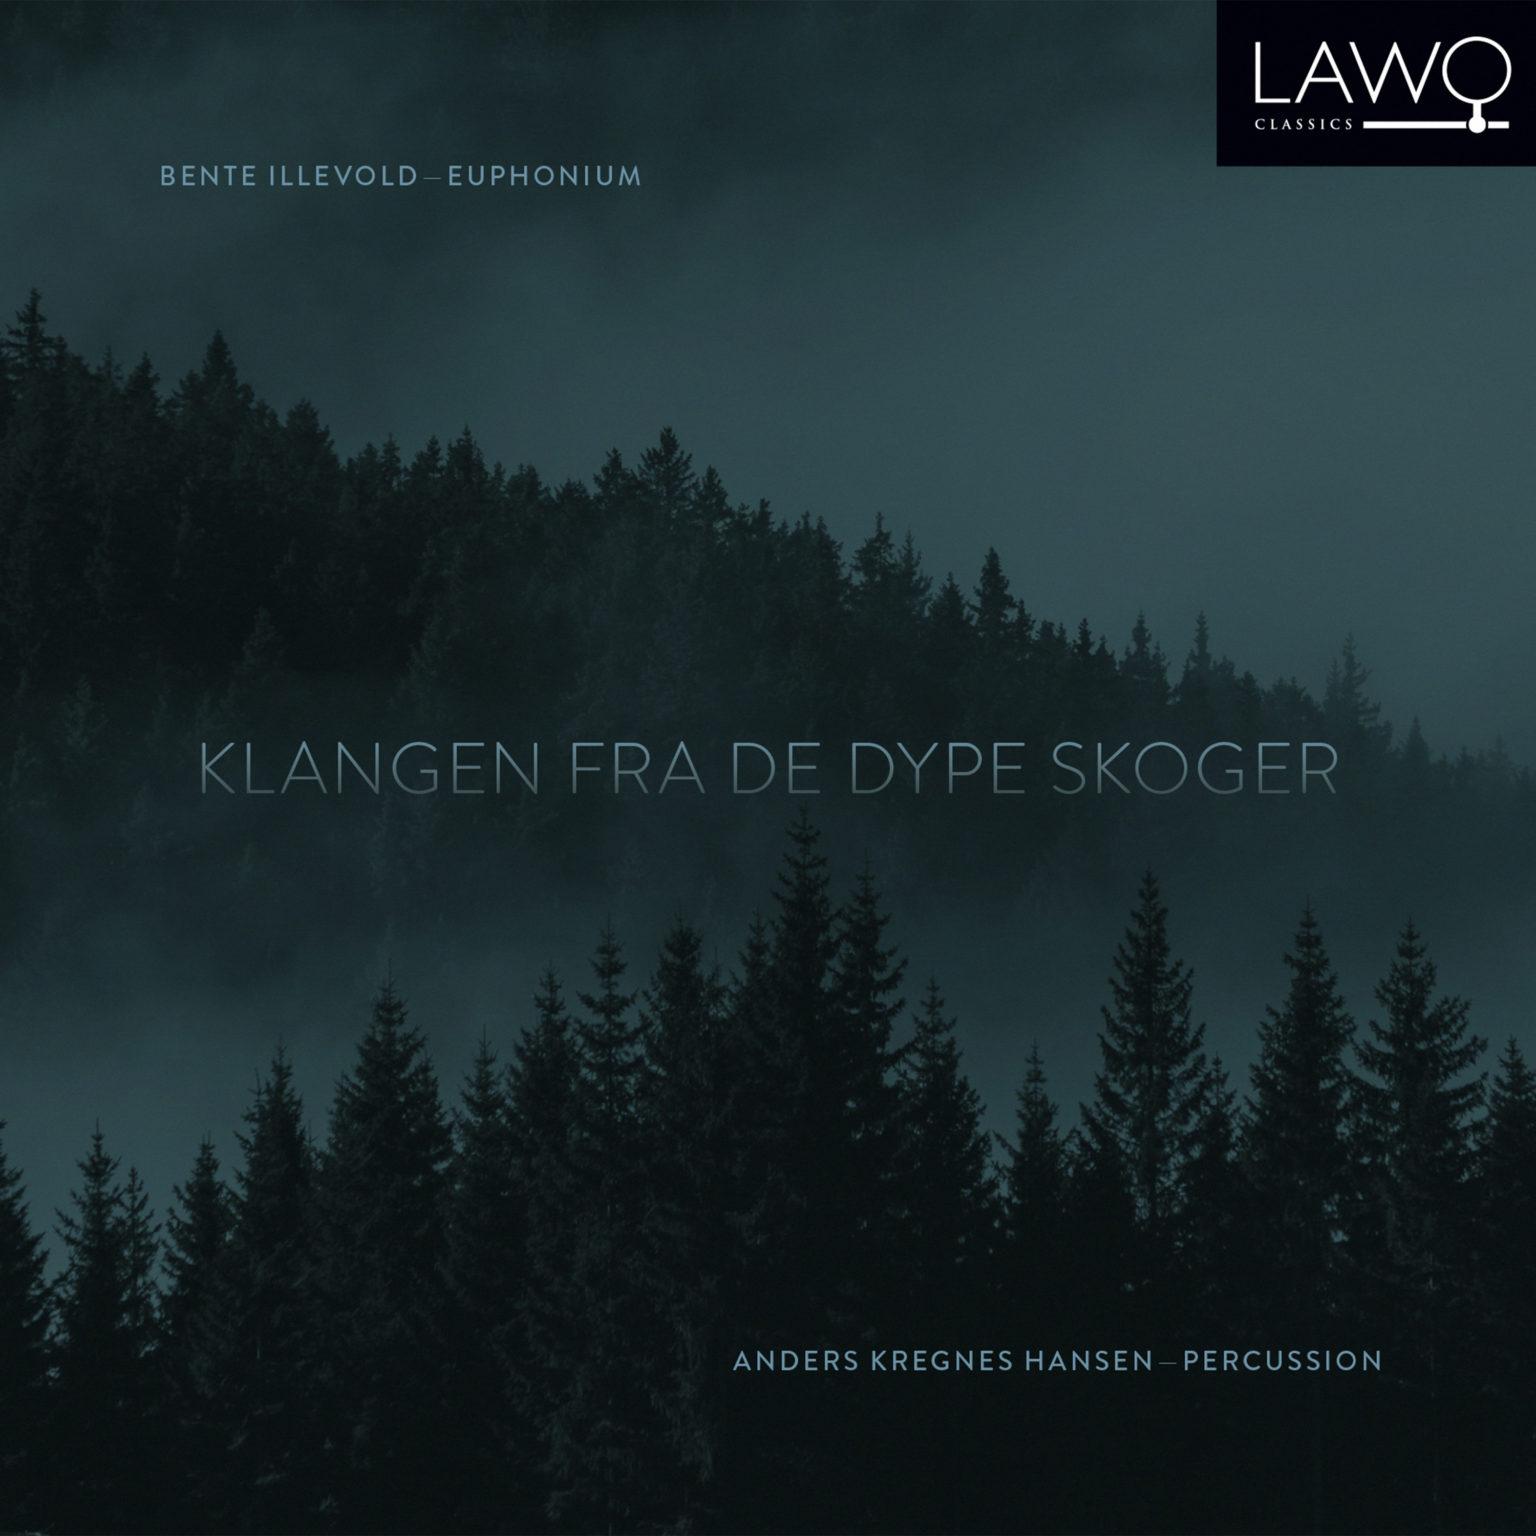 Click image for larger version.  Name:LWC1195_Bente_Illevold_Klangen_fra_de_dype_skoger_cover_3000x3000px-1536x1536.jpg Views:210 Size:174.8 KB ID:7720